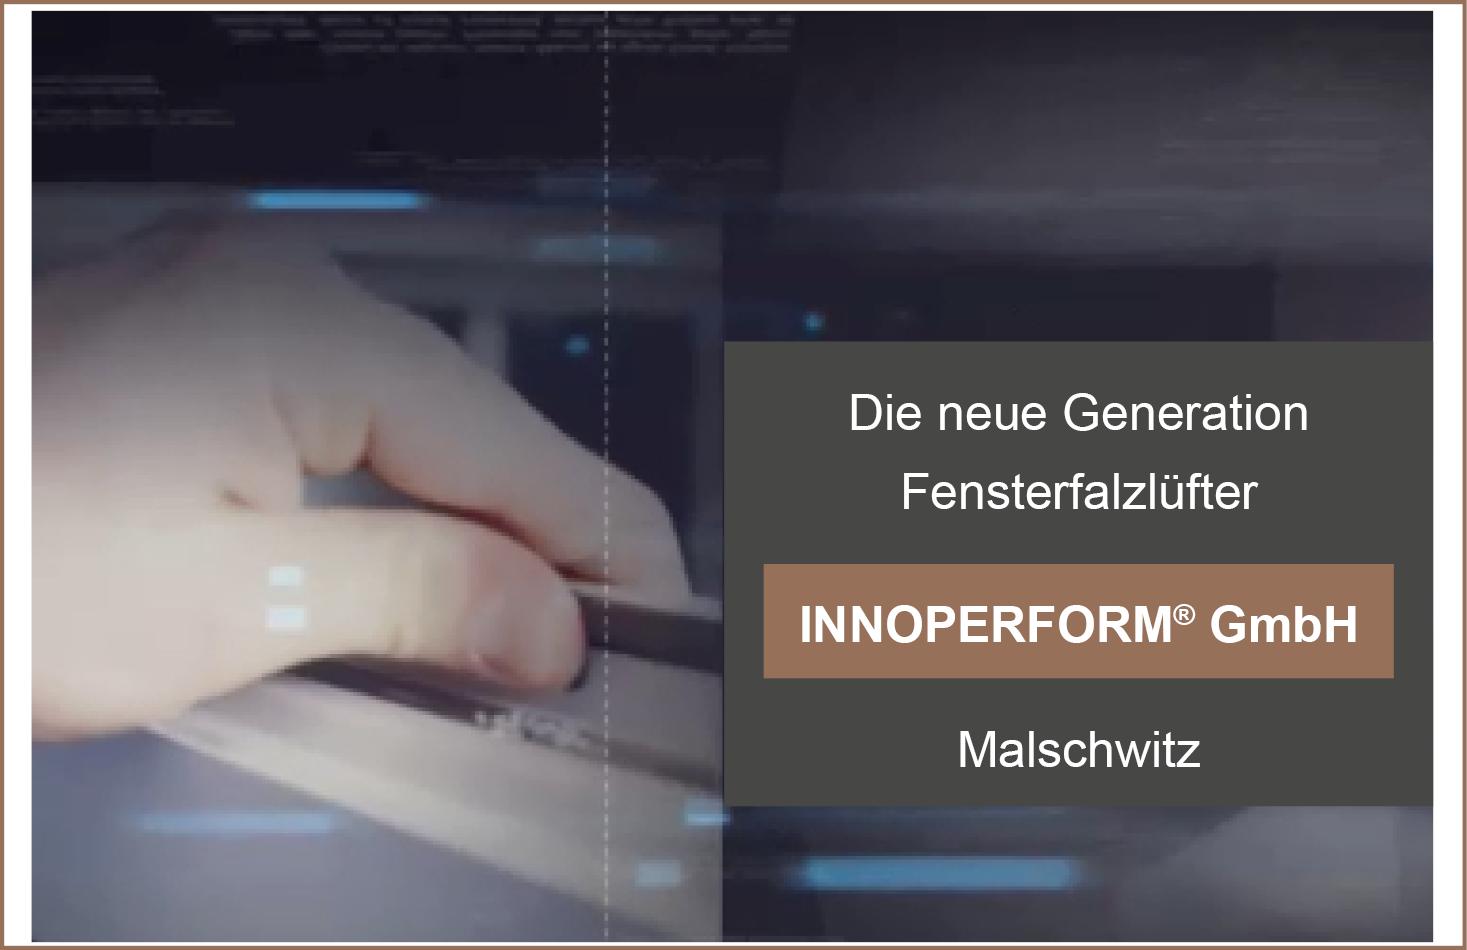 arimeo gewinnt Sächsischen Innovationspreis 2019